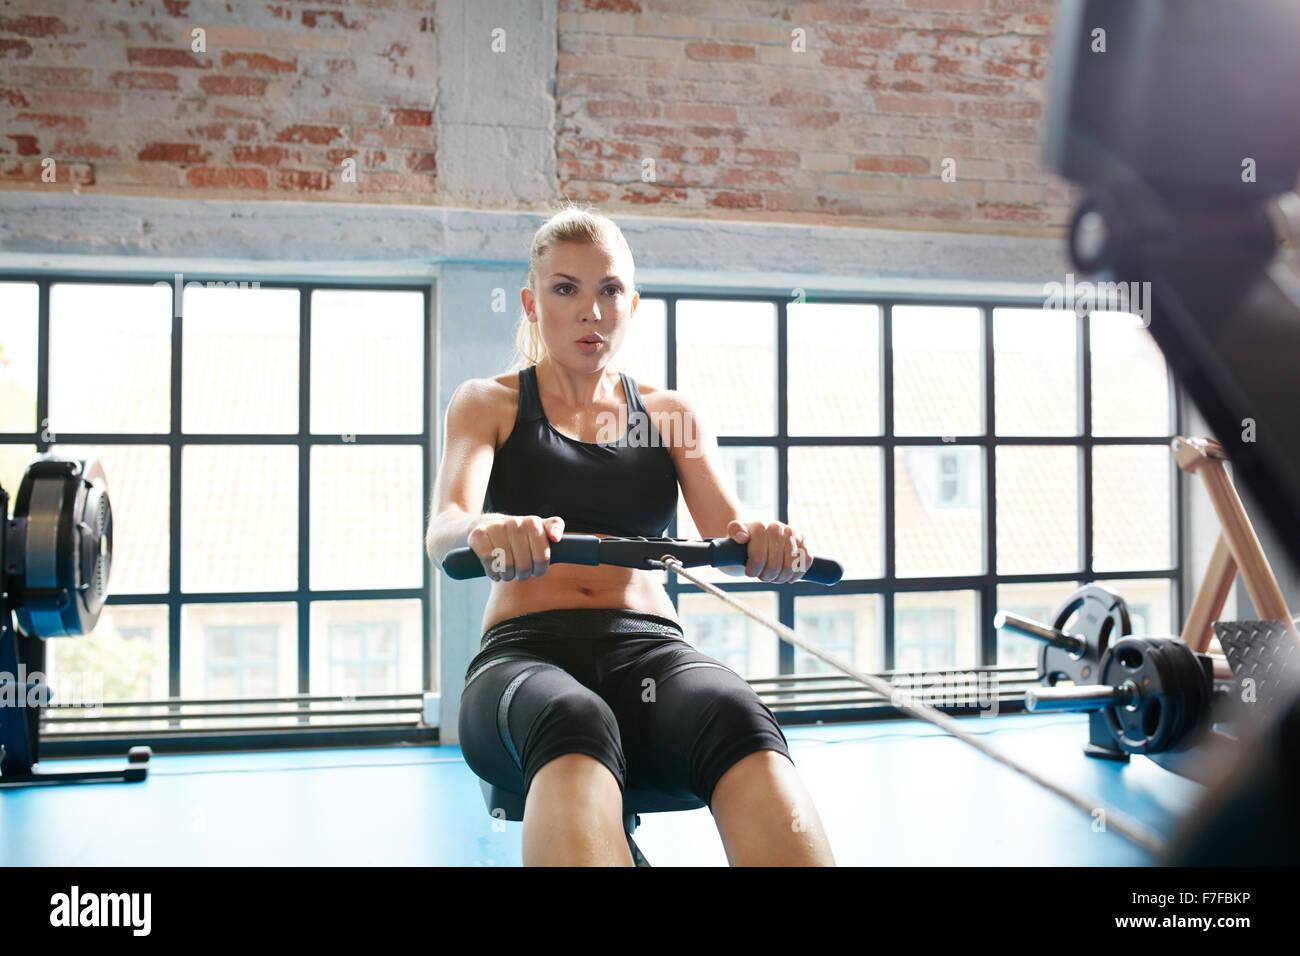 Les femmes de race blanche à l'aide d'une machine à ramer dans le sport. Jeune femme faisant cardio Photo Stock